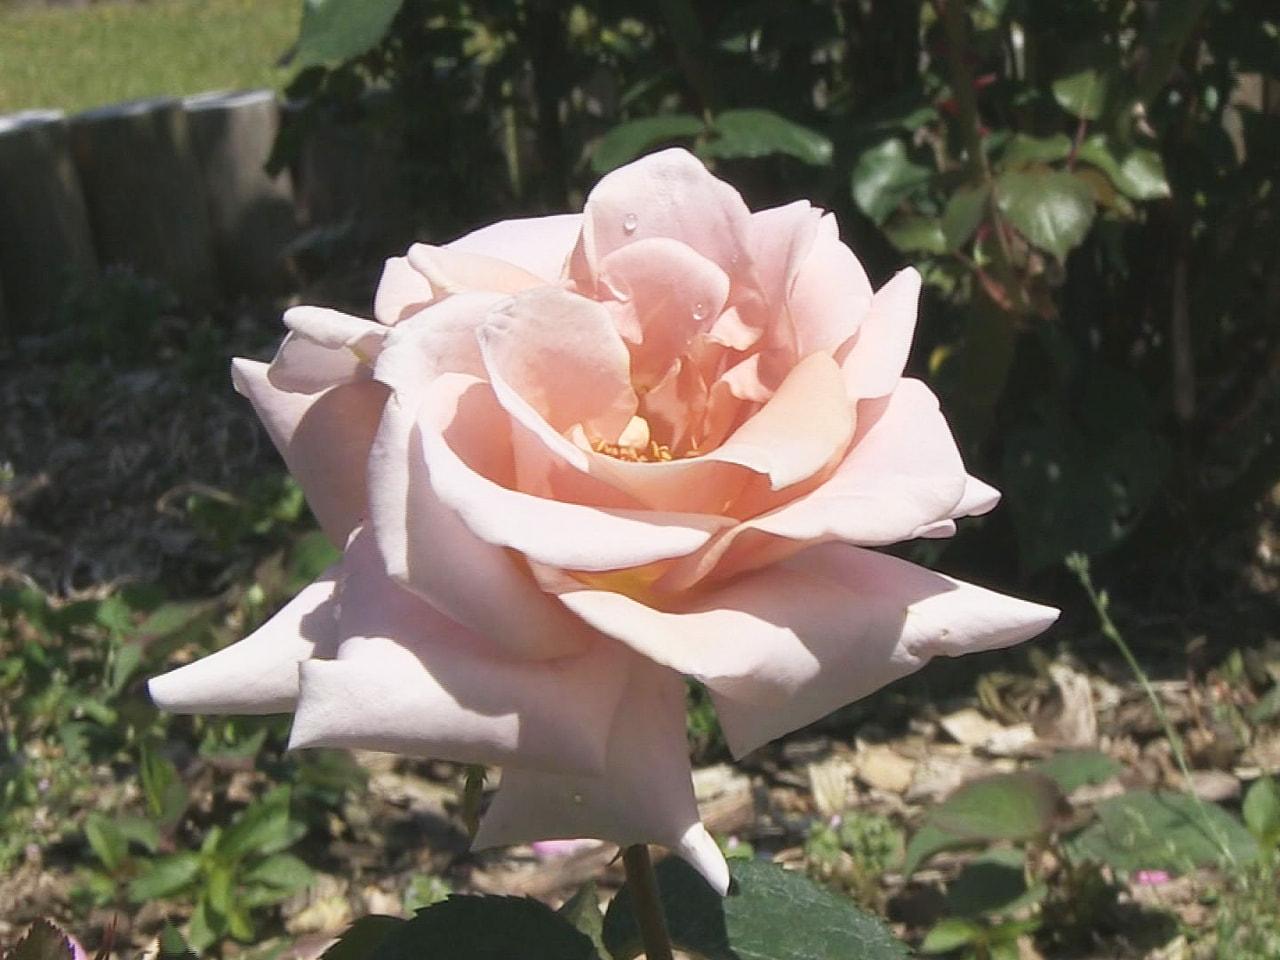 岐阜県飛騨市で色とりどりのバラが咲き誇るバラ園がオープンしました。 飛騨市河合町...